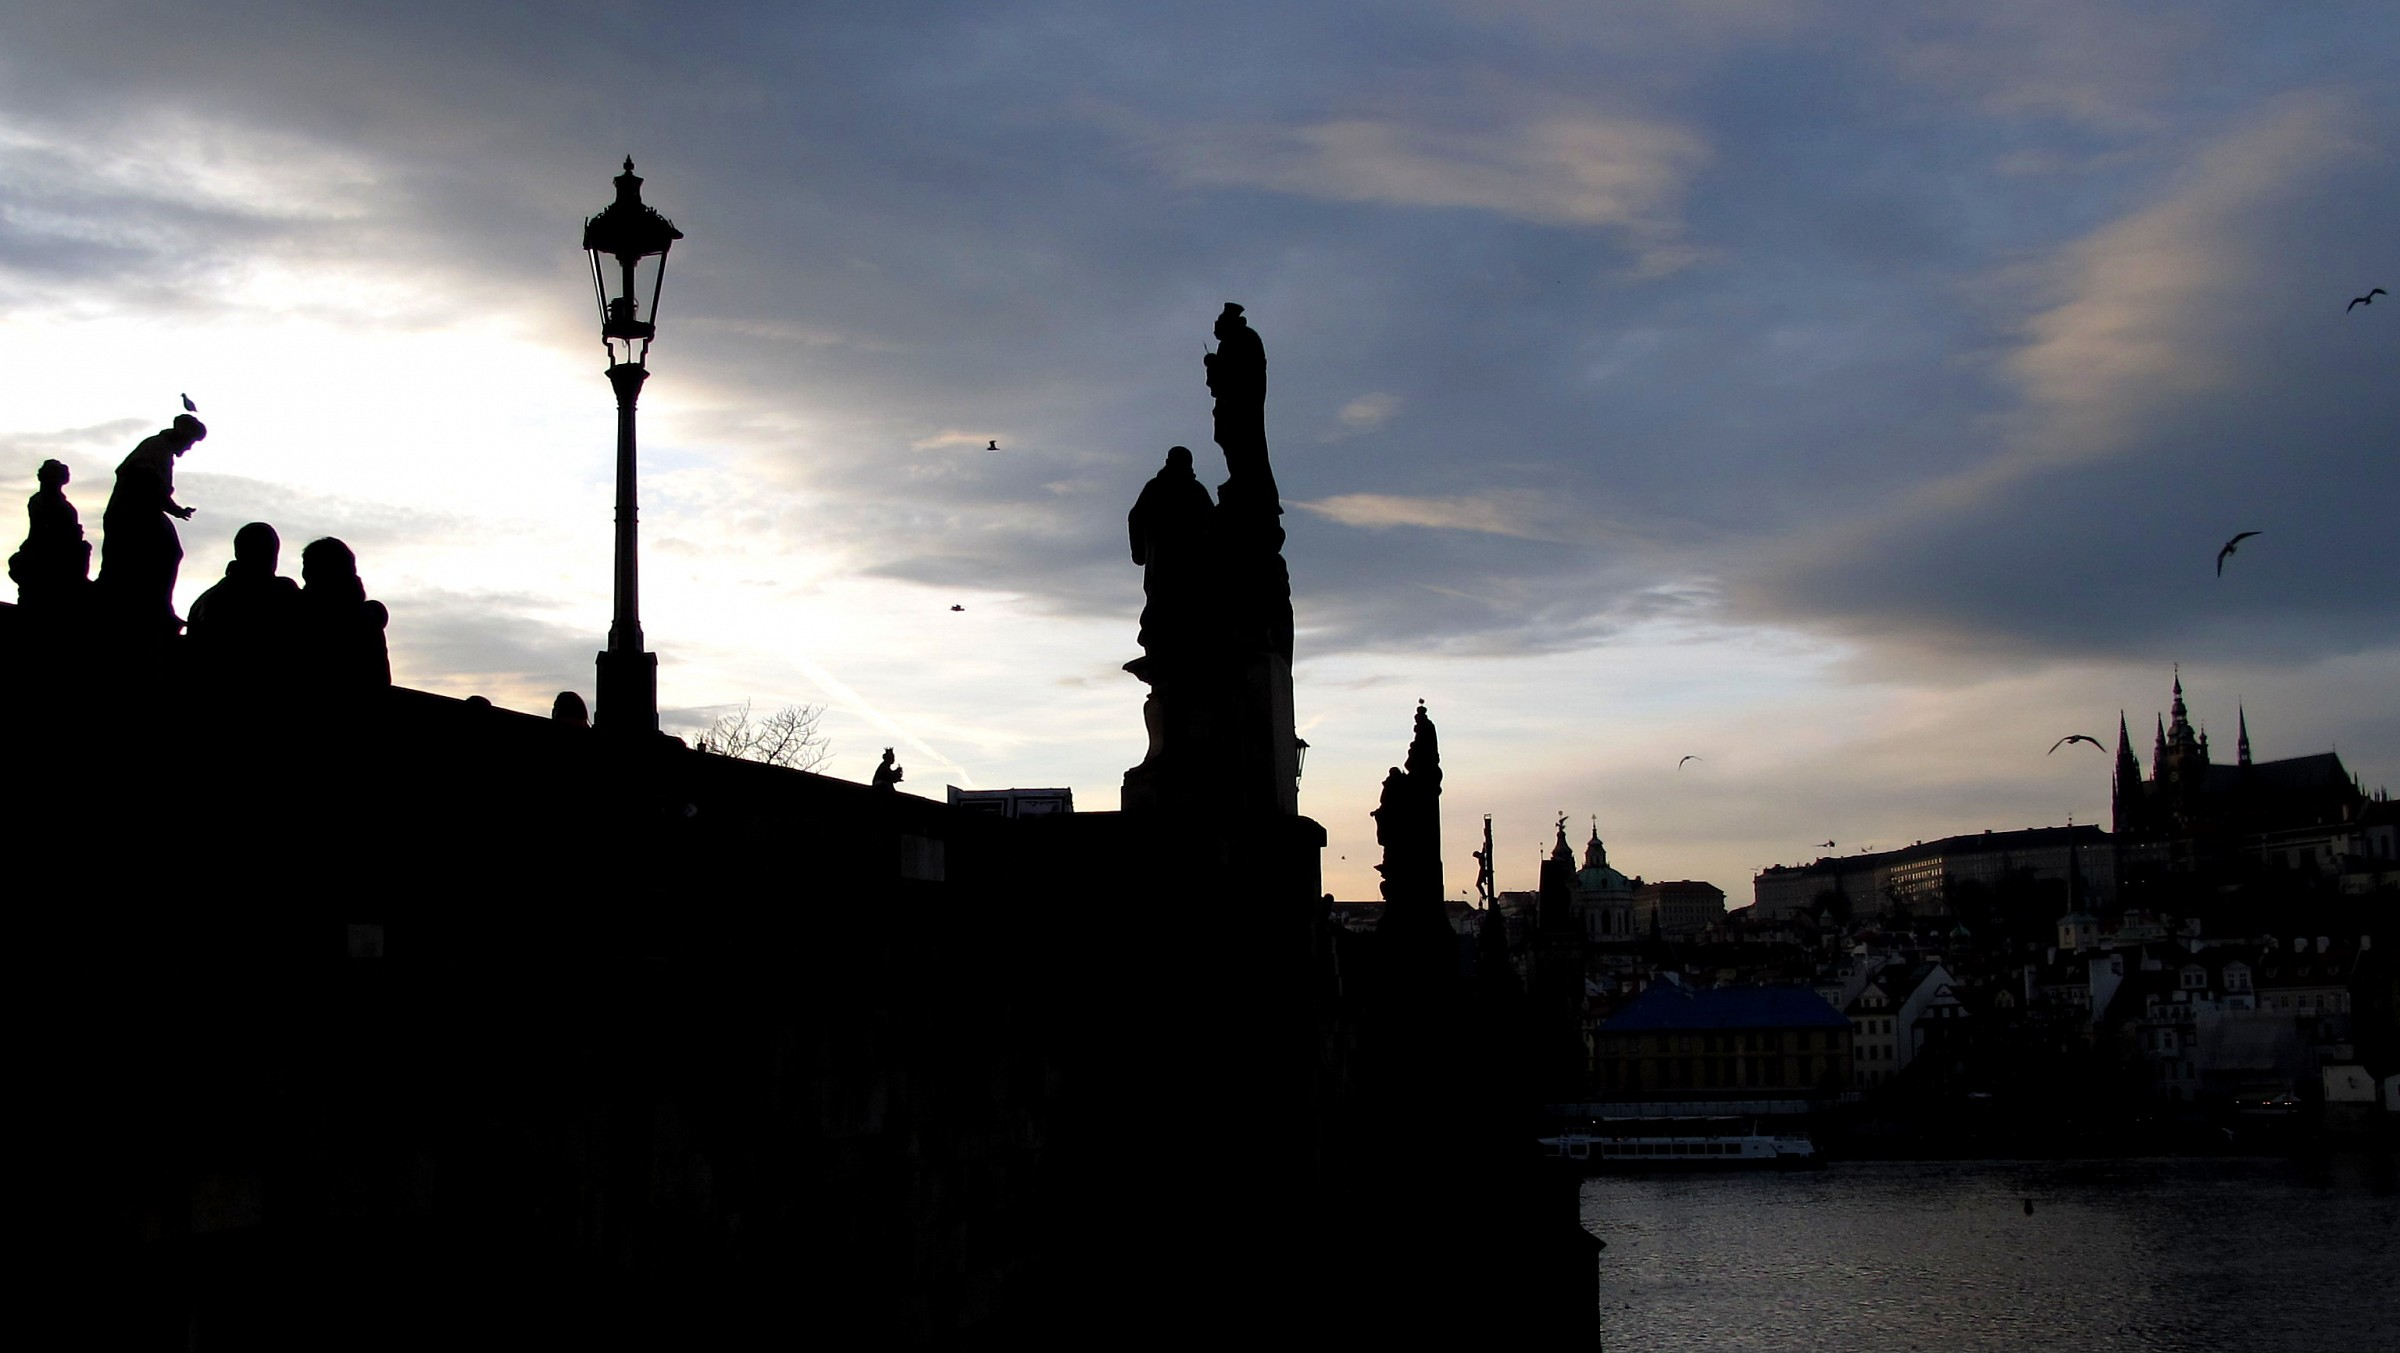 Evening silhouete...